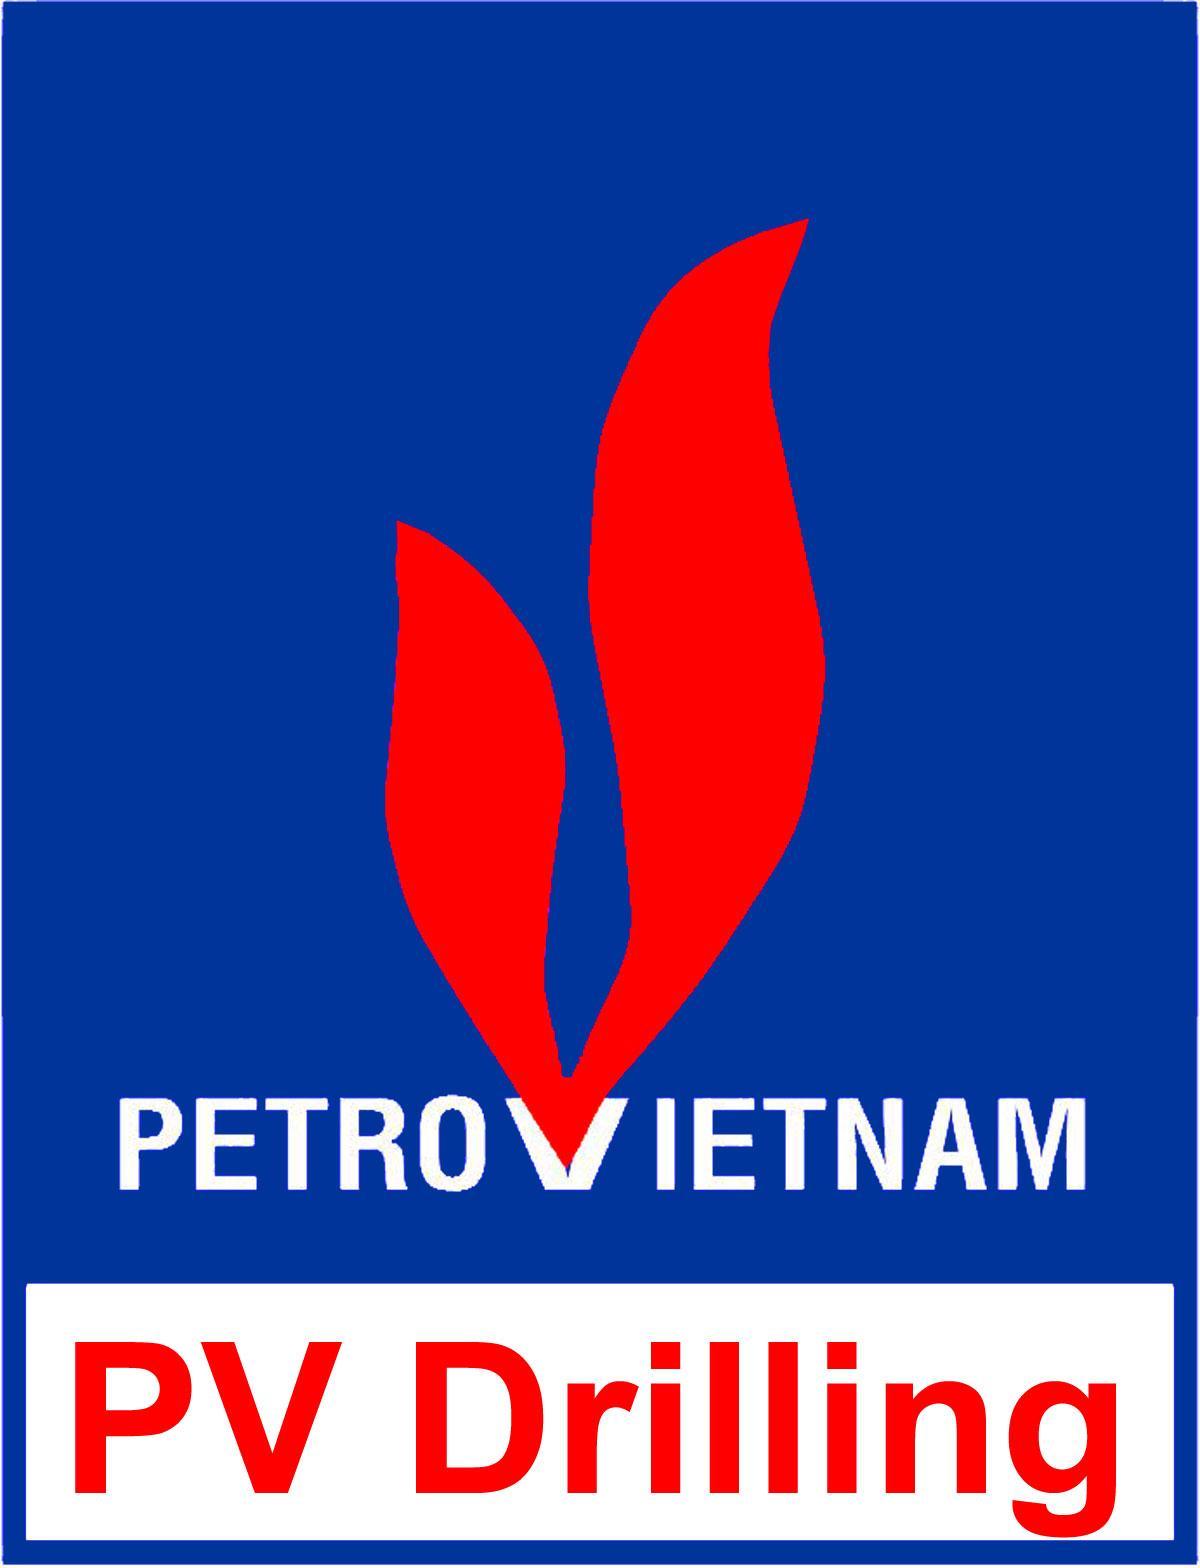 PVcomBank đăng ký bán 4 triệu cp PVD